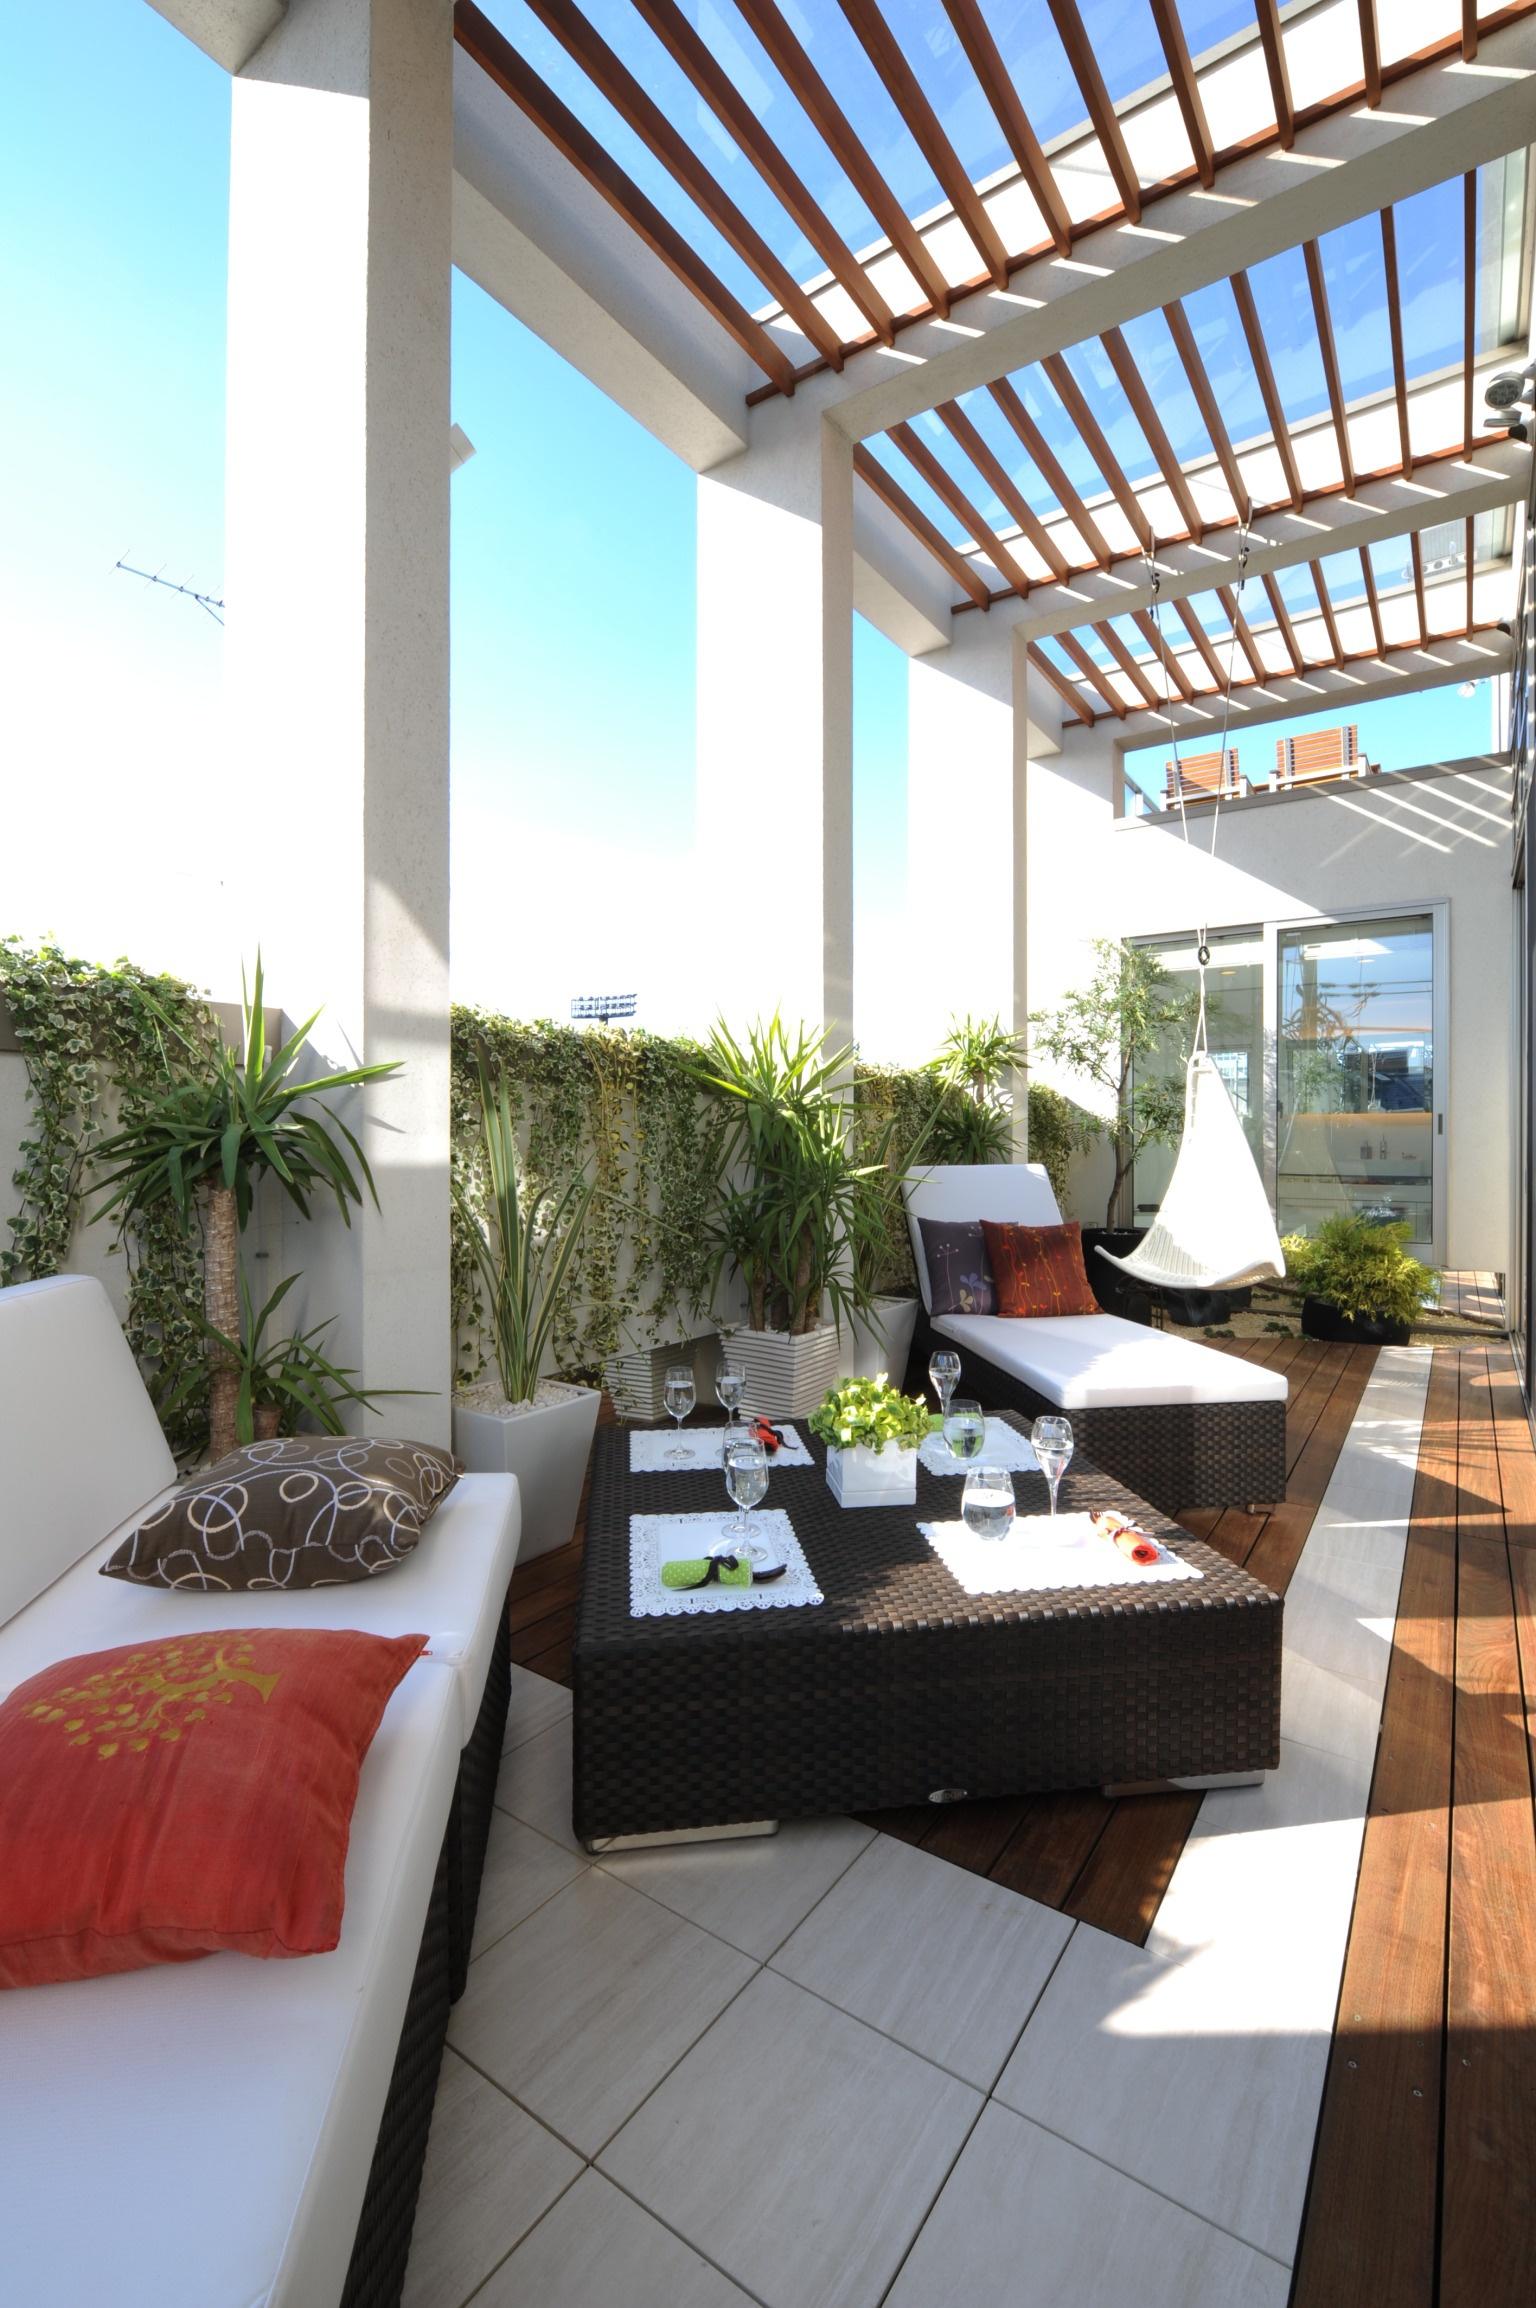 お家でリゾート気分が味わえる、バルコニーの壁面緑化